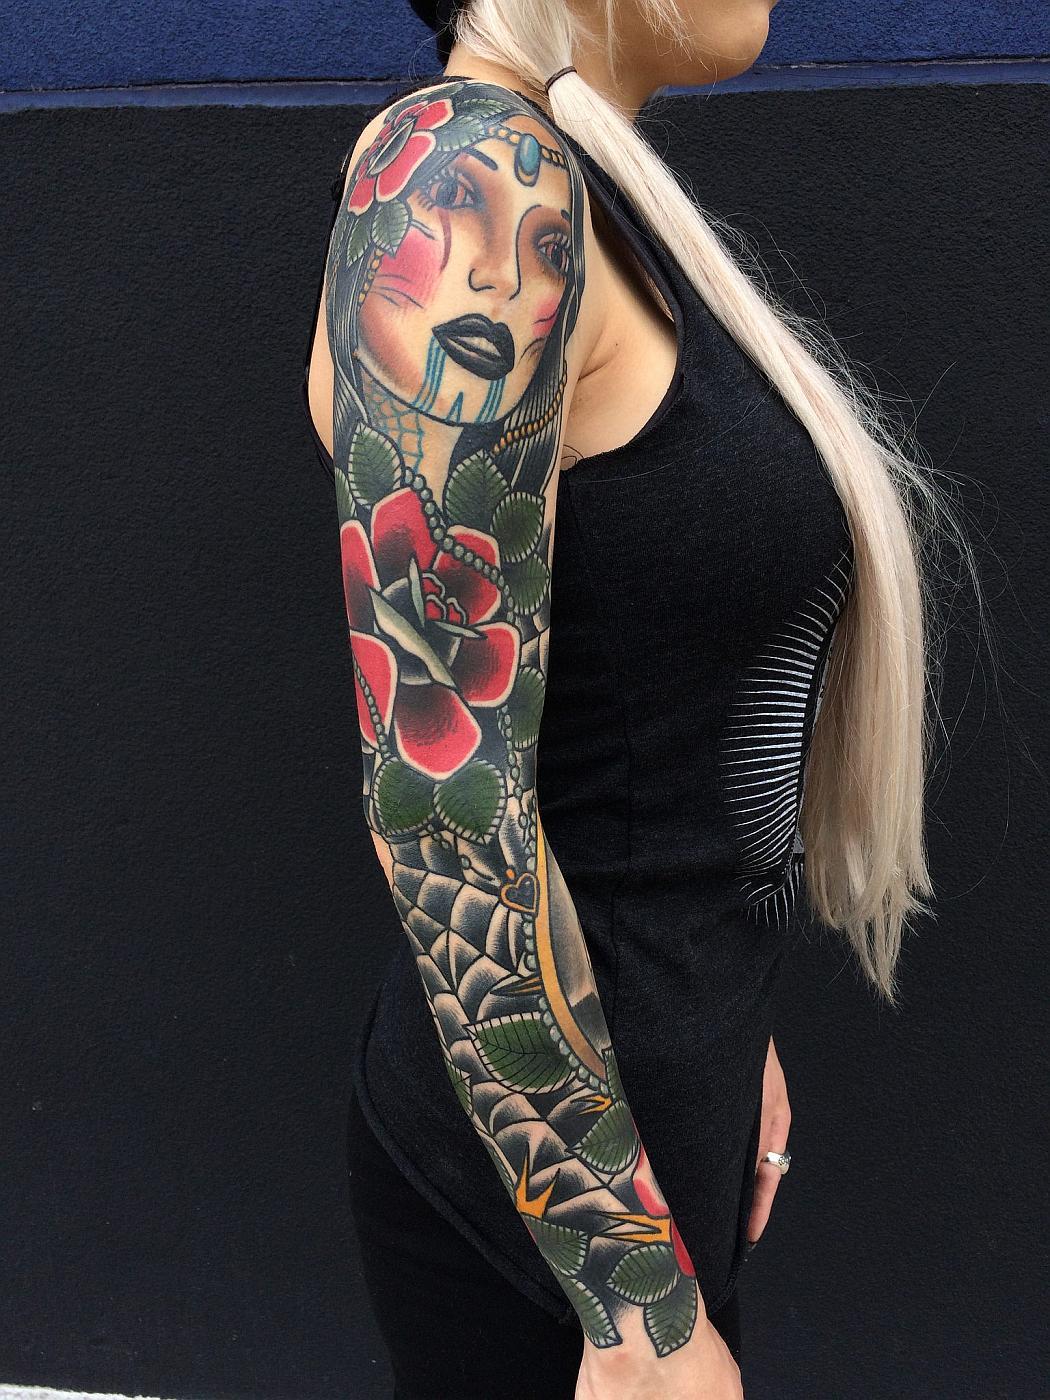 łatwo Zrobić Tatuaż Trudniej Go Usunąć